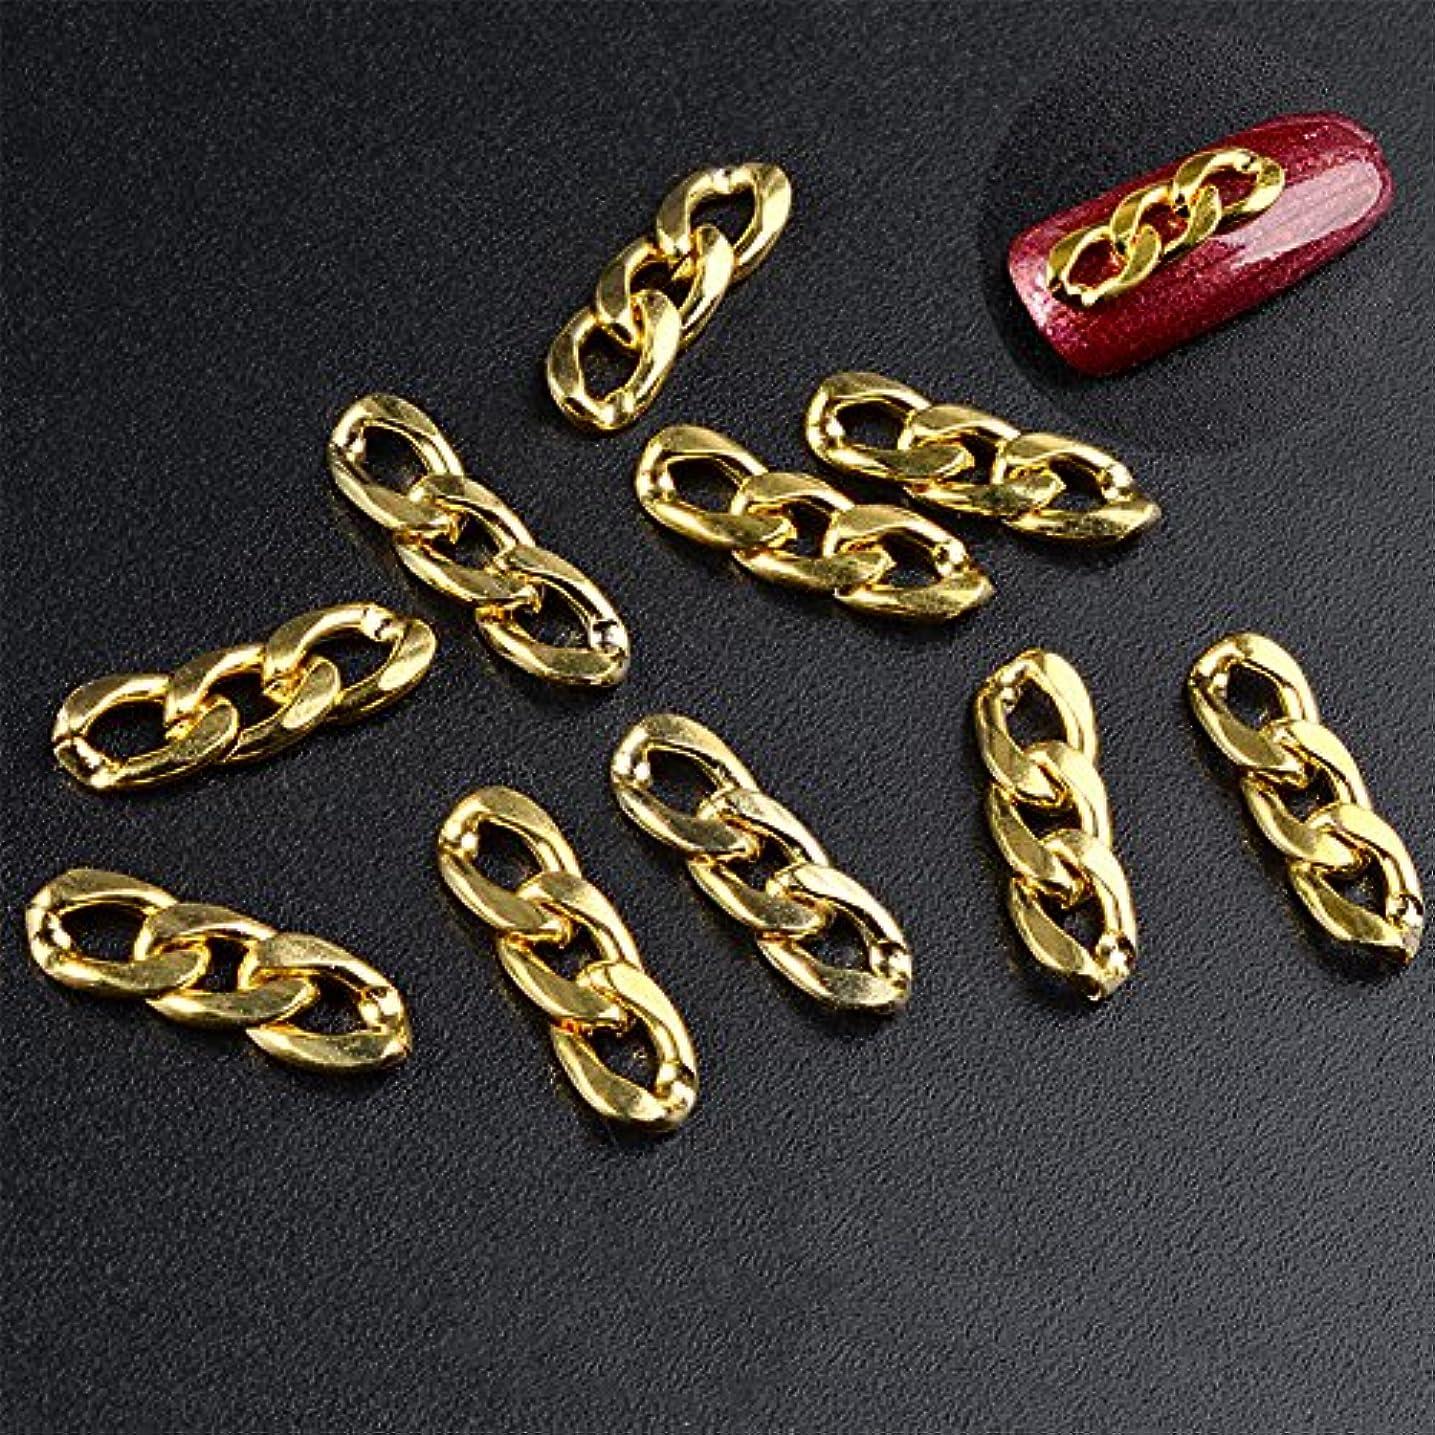 人工的な努力爵RaiFu ネイル アートチェーン マニキュア供給 シャイニー 装飾 10PCS ゴールデン